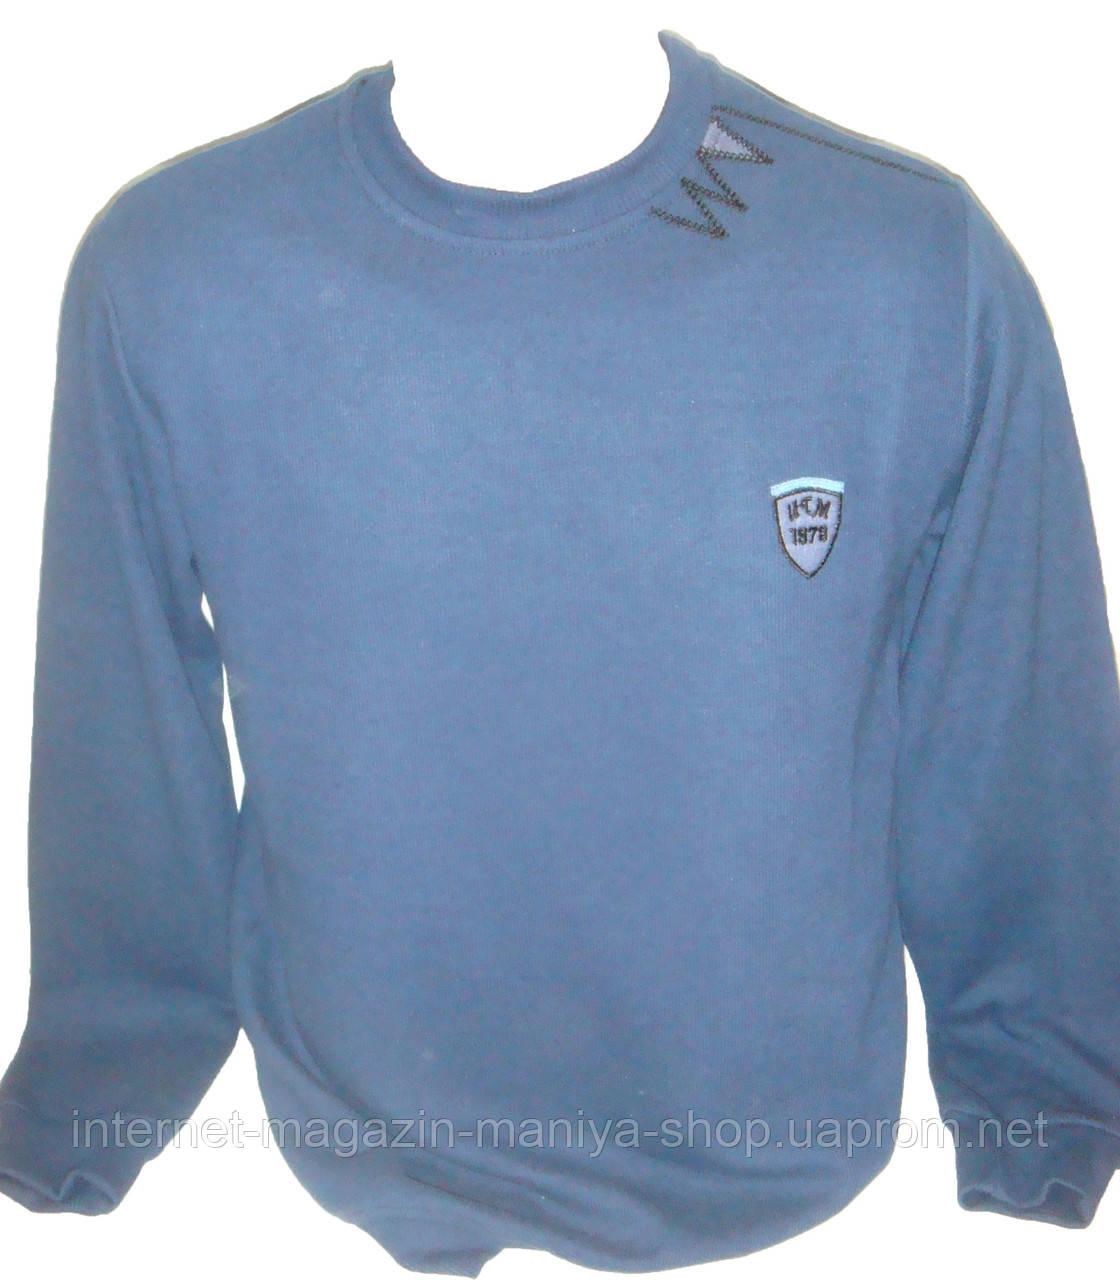 Пуловер мужской купить